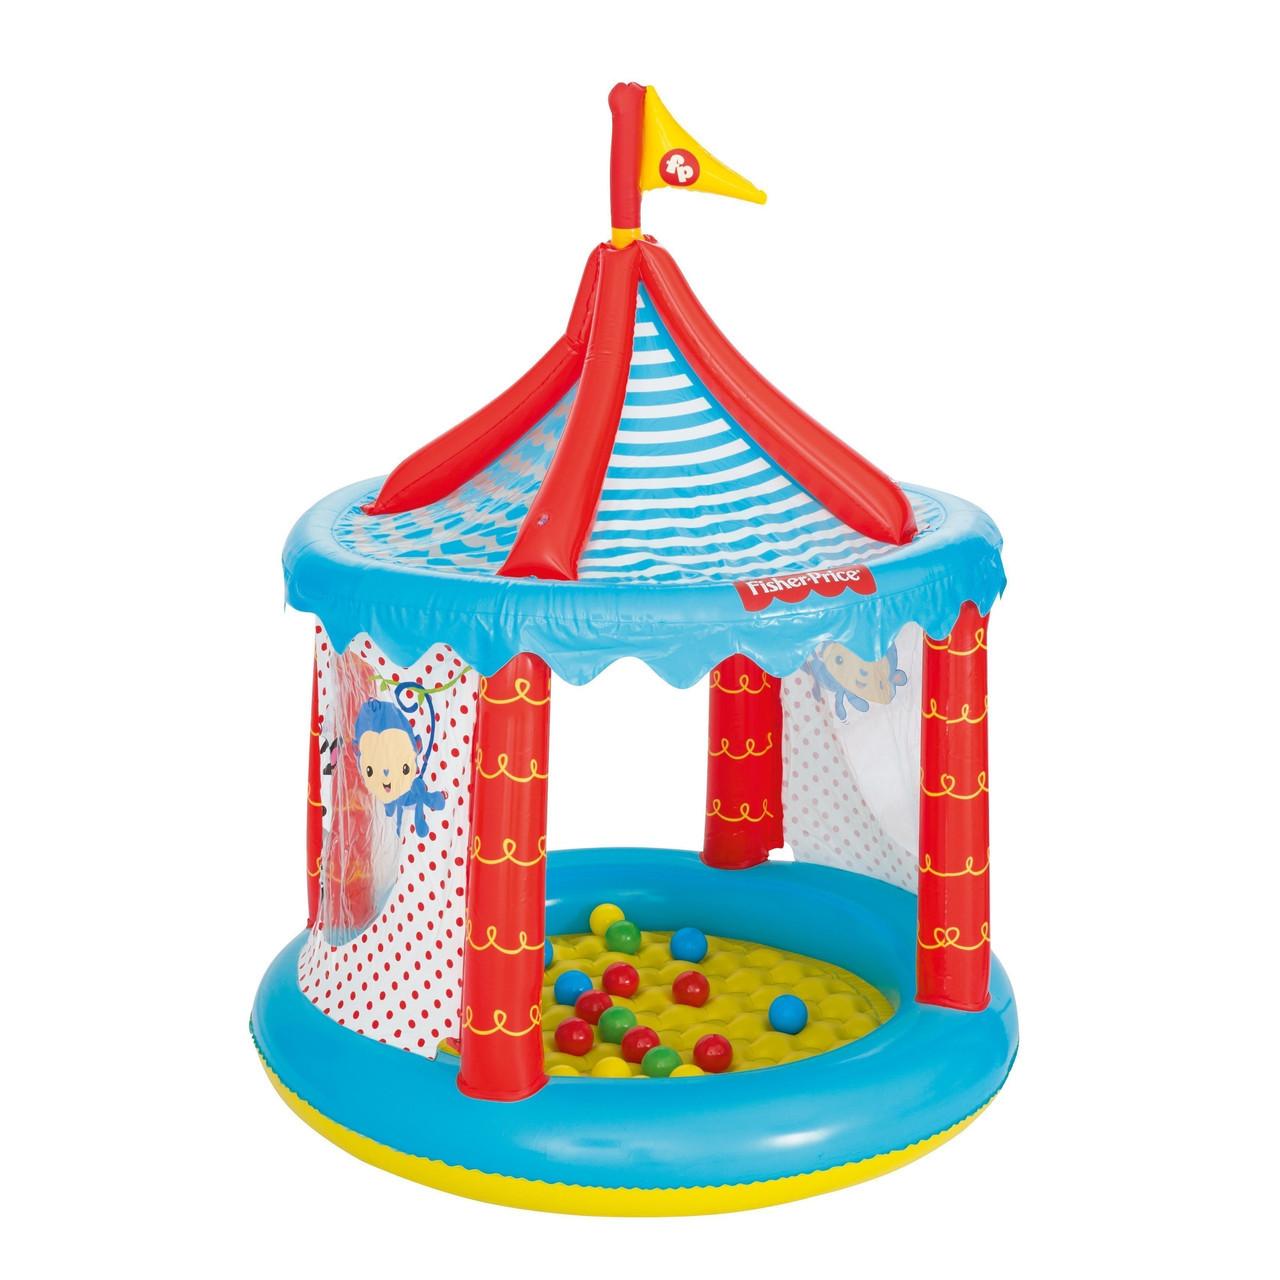 Детский игровой домик Bestway 93505 «Цирк», 137 х 104 см, с шариками 25 шт